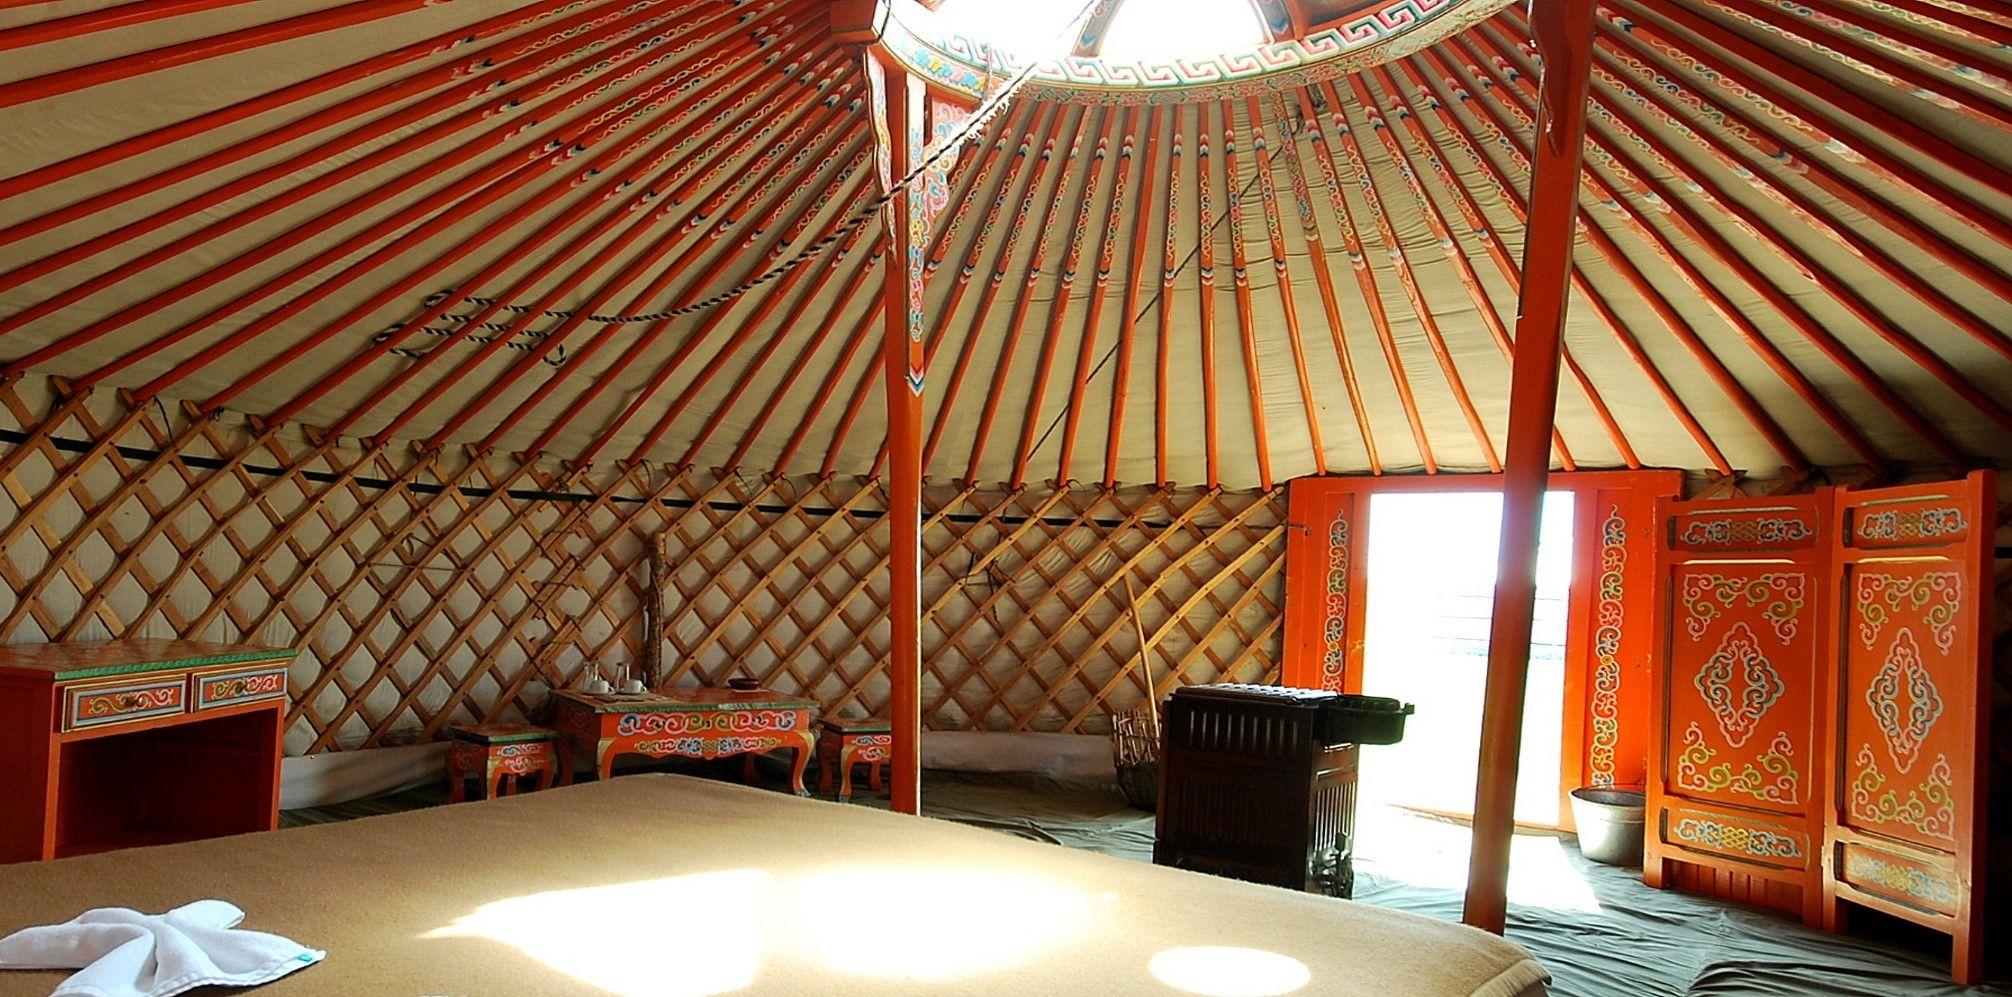 Mon plus beau voyage mongolie interieur yourte mongolie for Interieur yourte